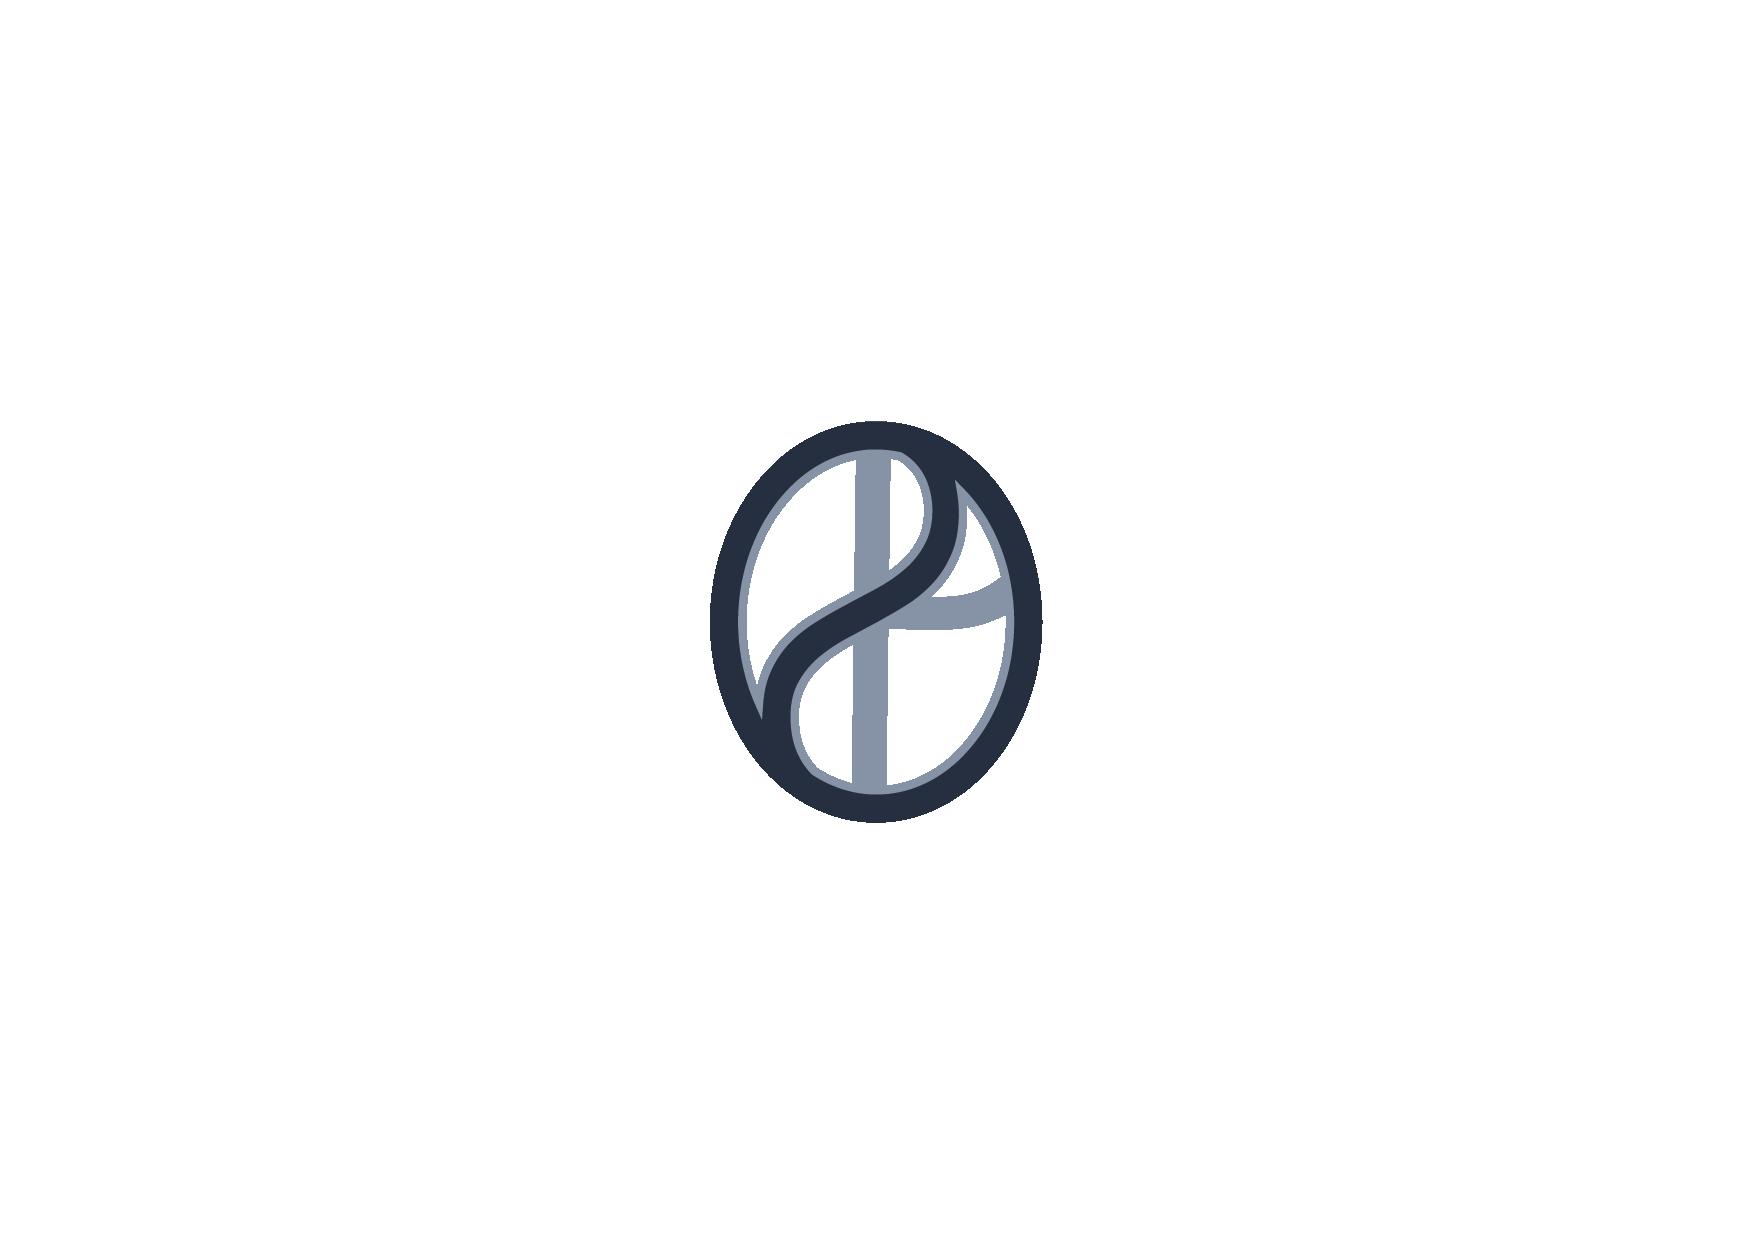 logo_til_tekniske_tegninger_01.png